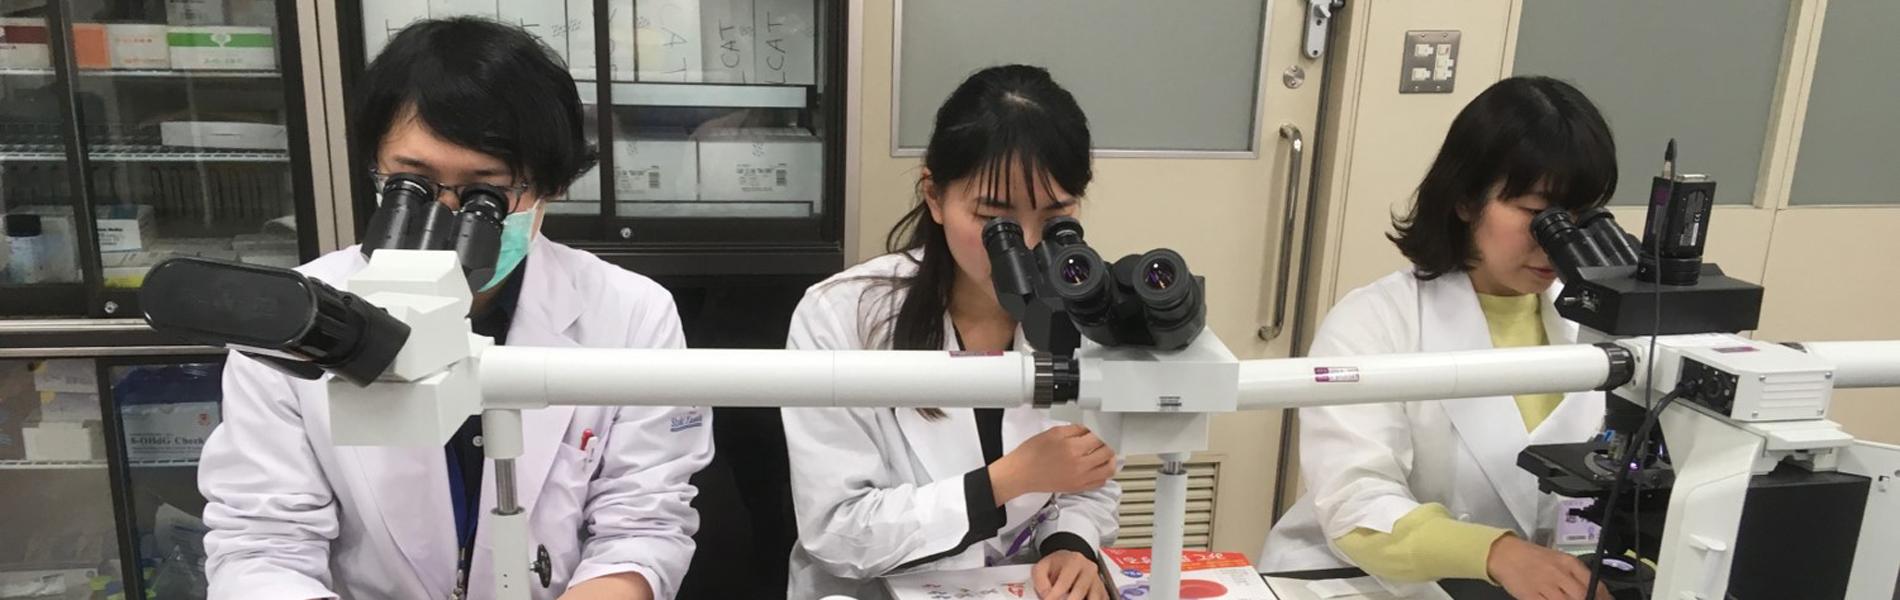 福島関東病理法医連携プログラム「つなぐ」